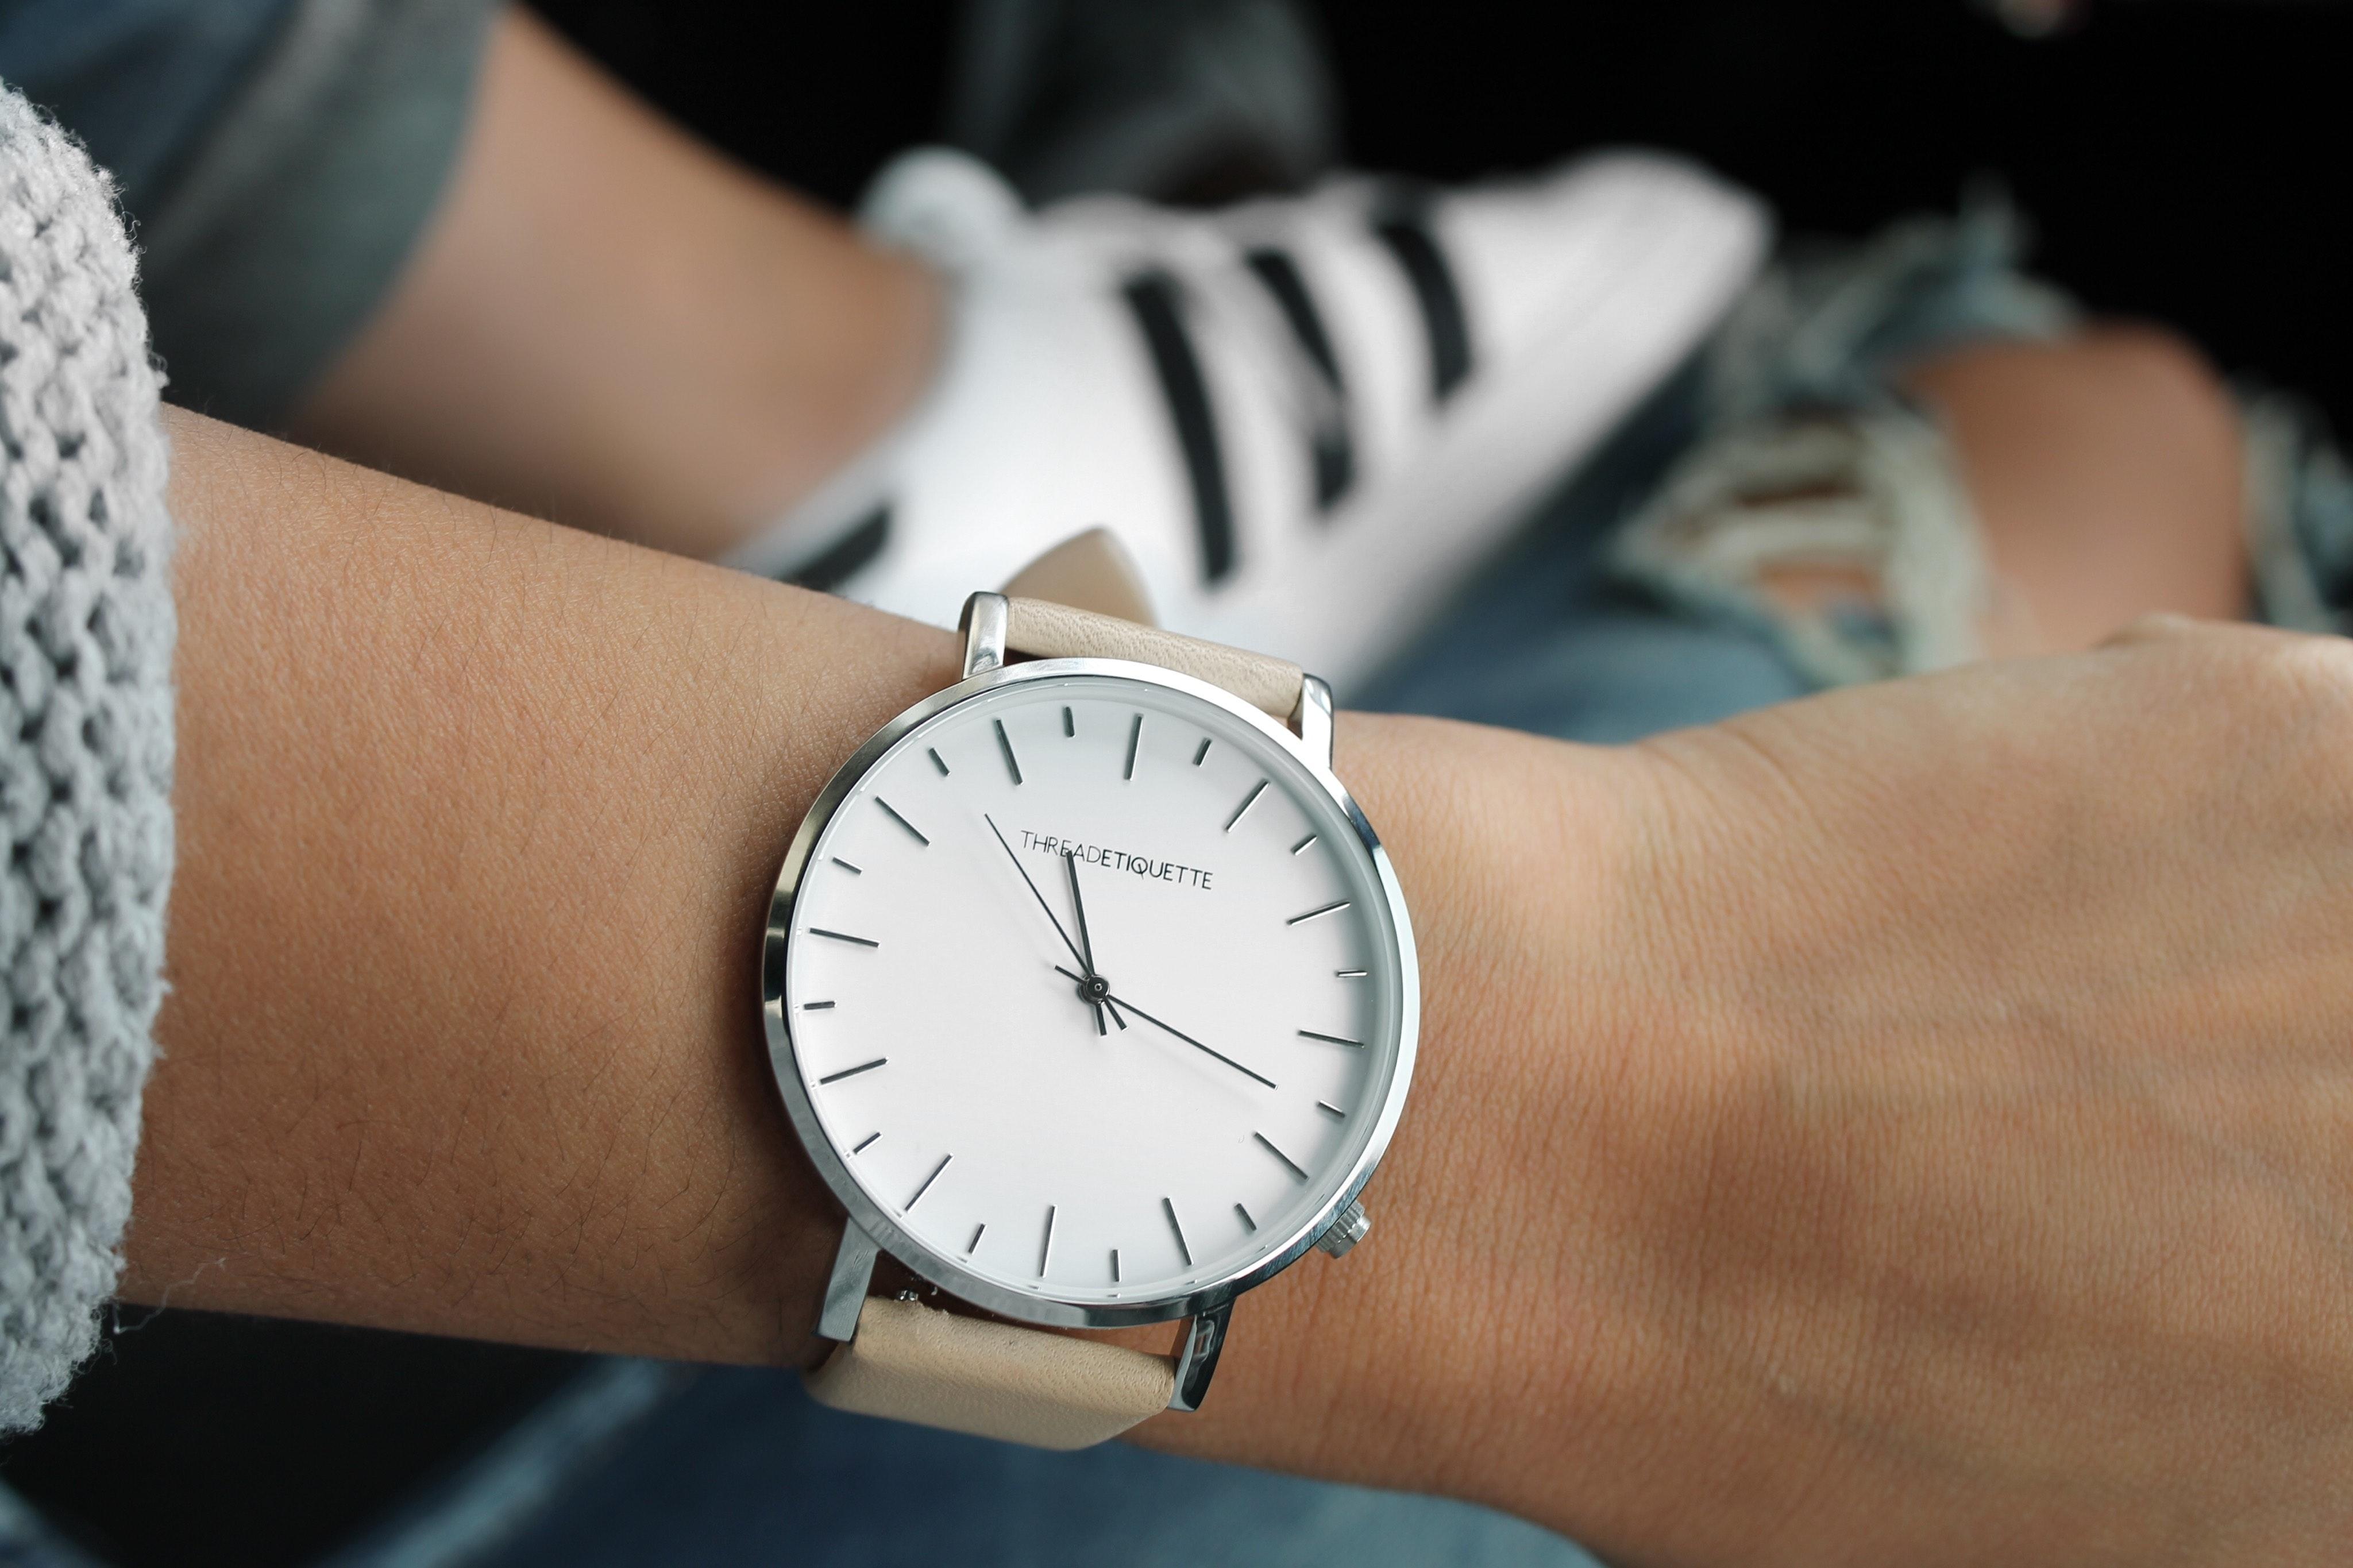 Chiếc đồng hồ là thông điệp đơn giản nhất về tính cách của một quý ông. Ảnh: Pexels